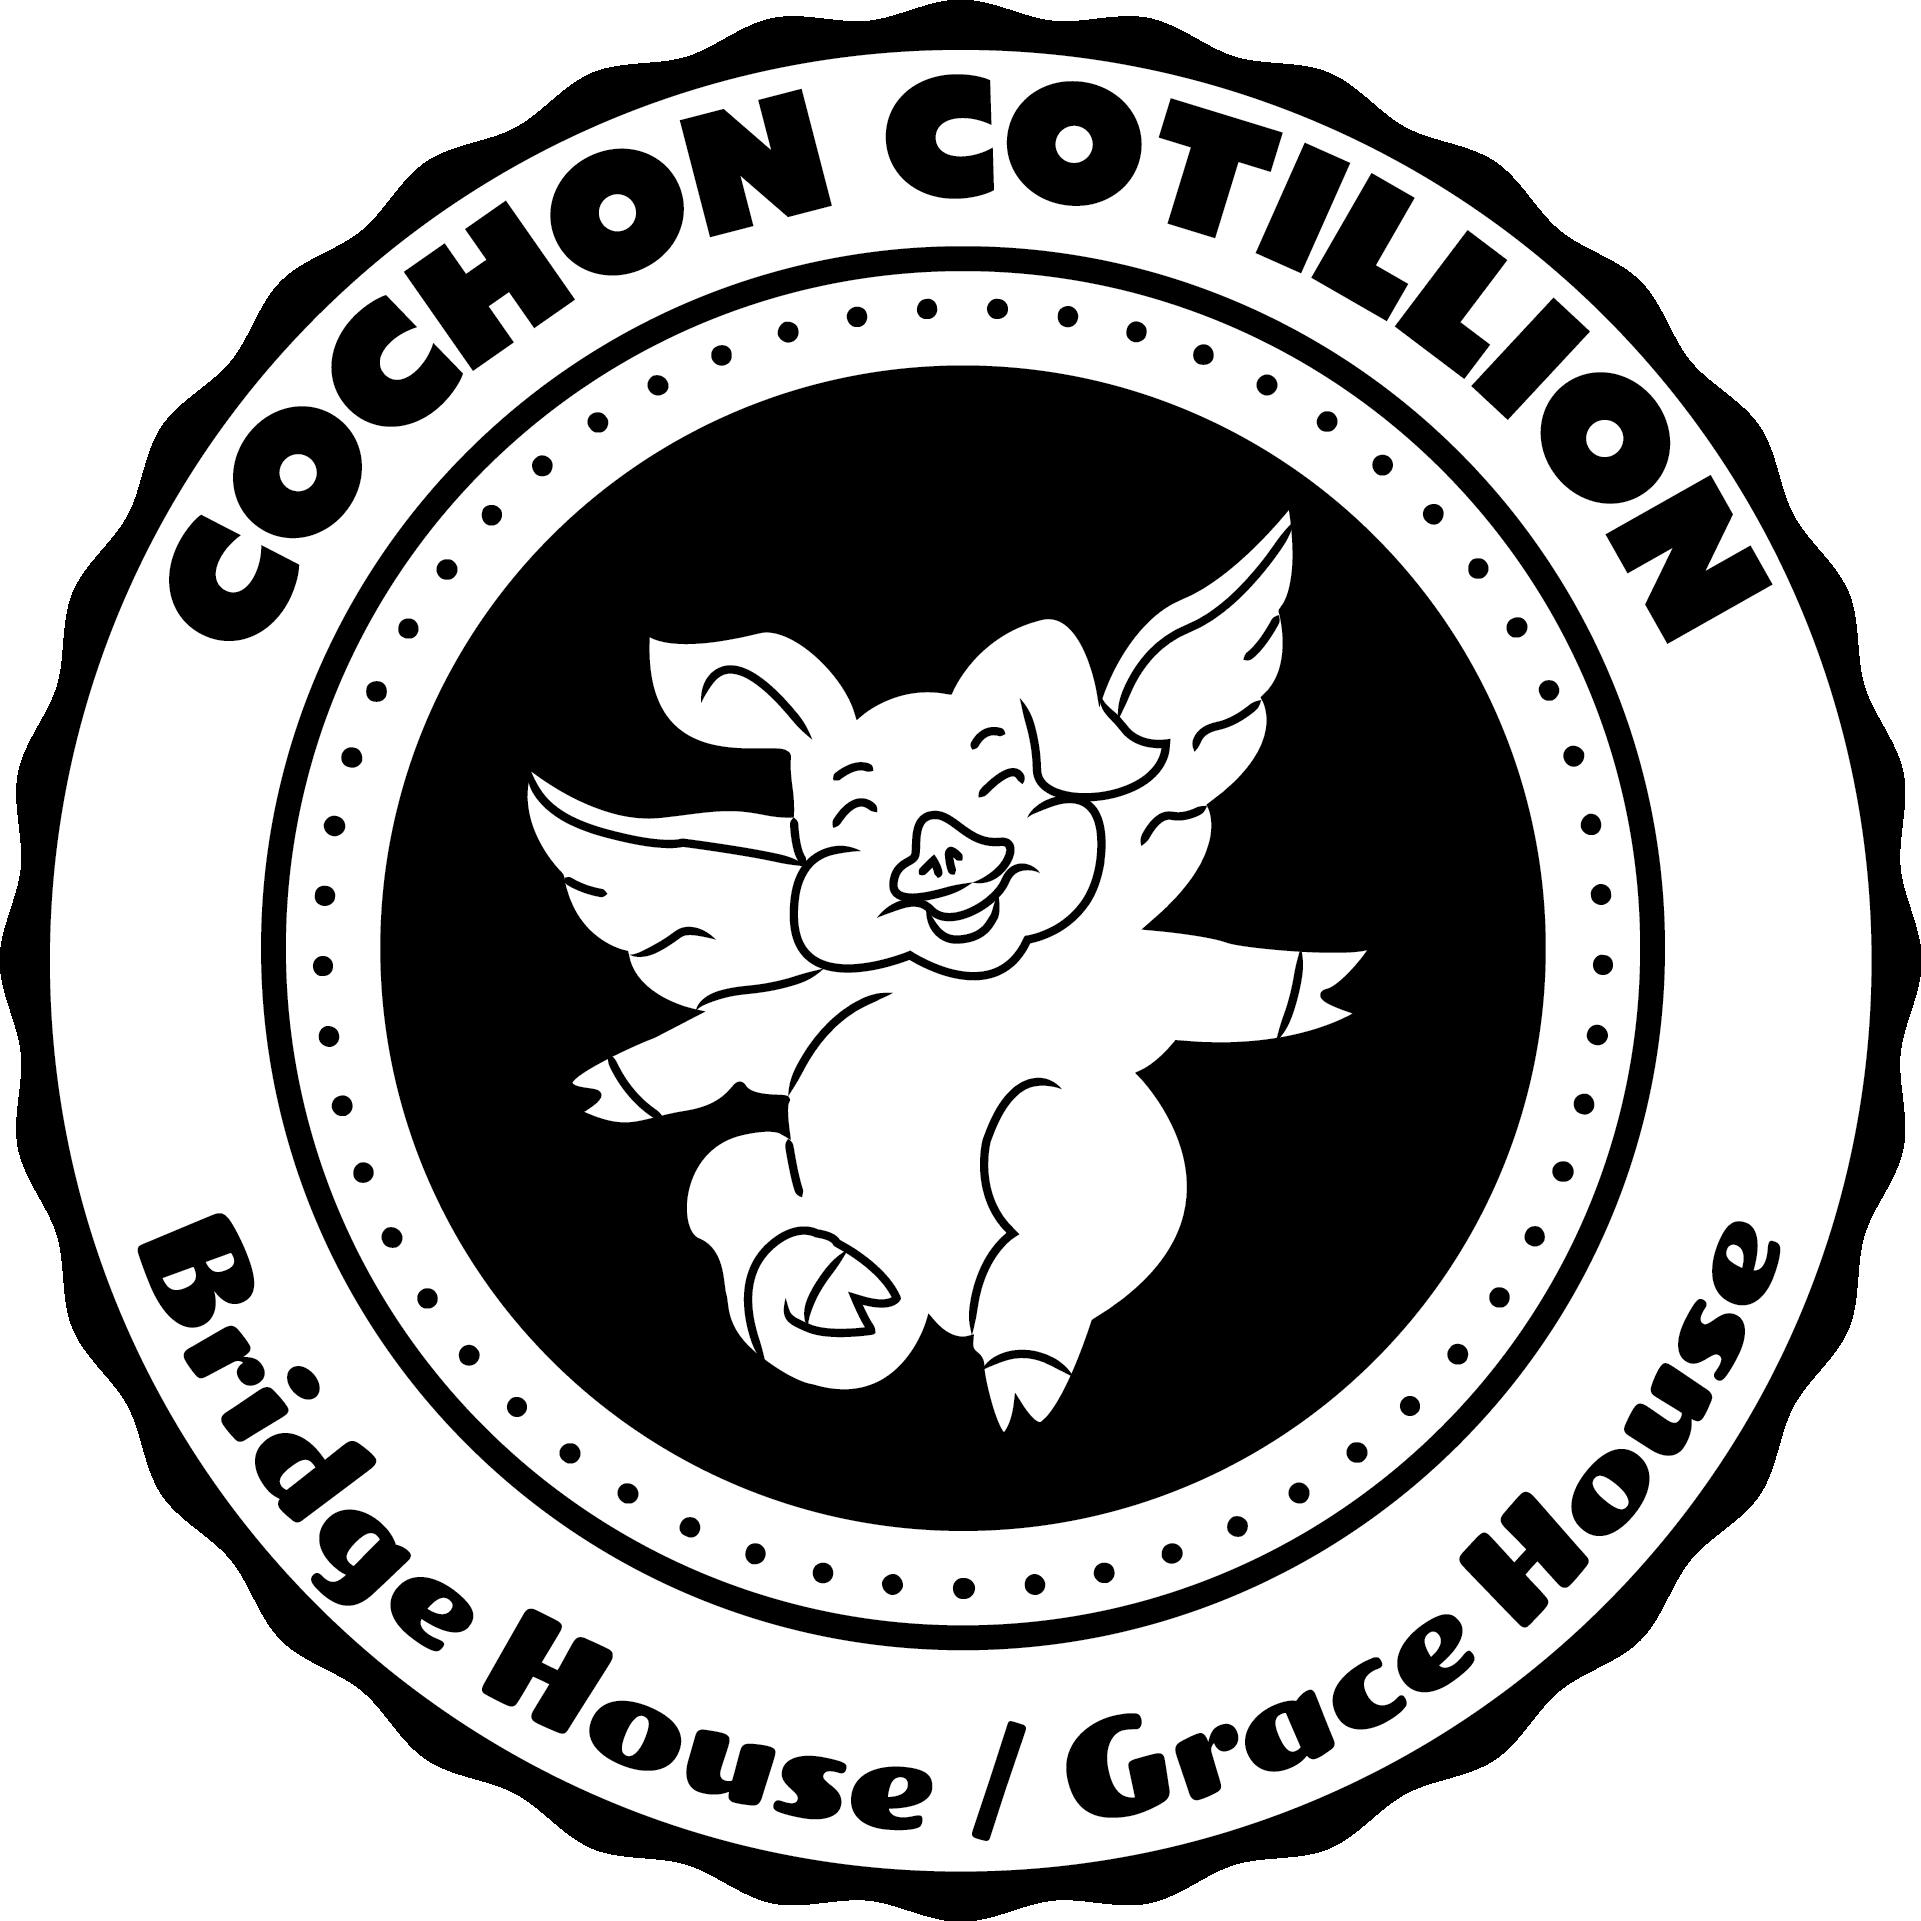 Cochon Cotillion XXII